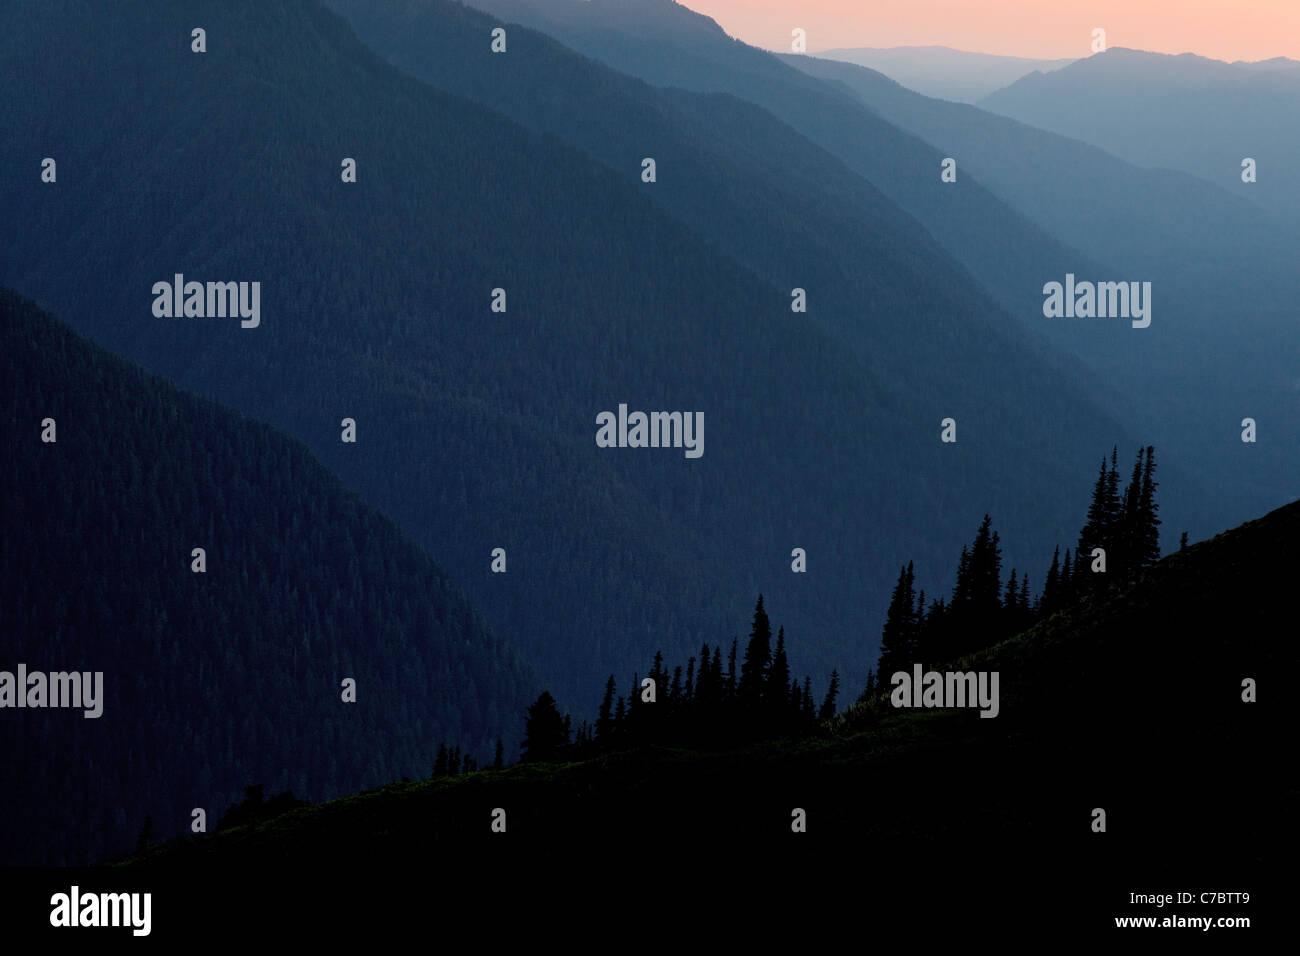 La iluminación en el valle del Río Hoh, Olympic National Park, Washington Imagen De Stock